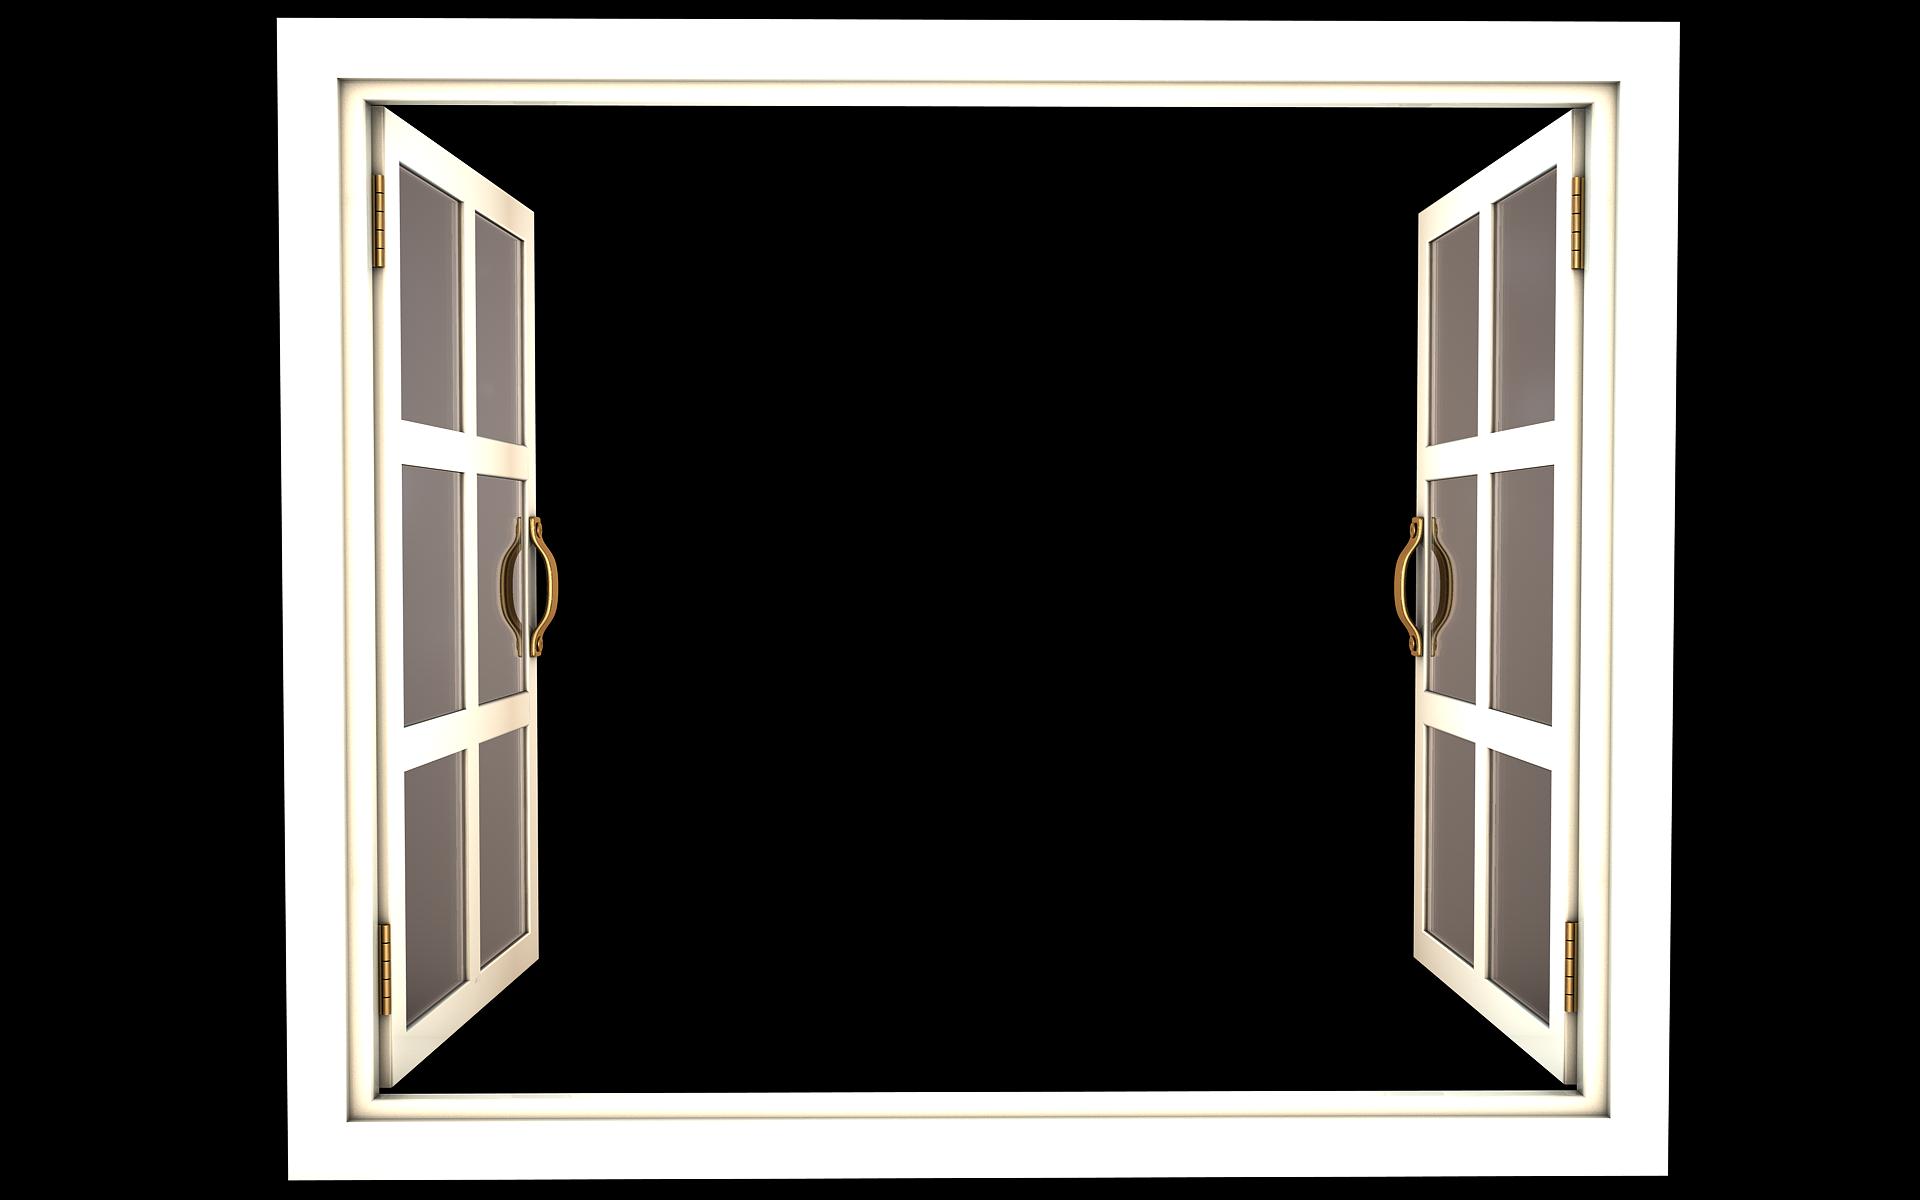 Открытое окно PNG